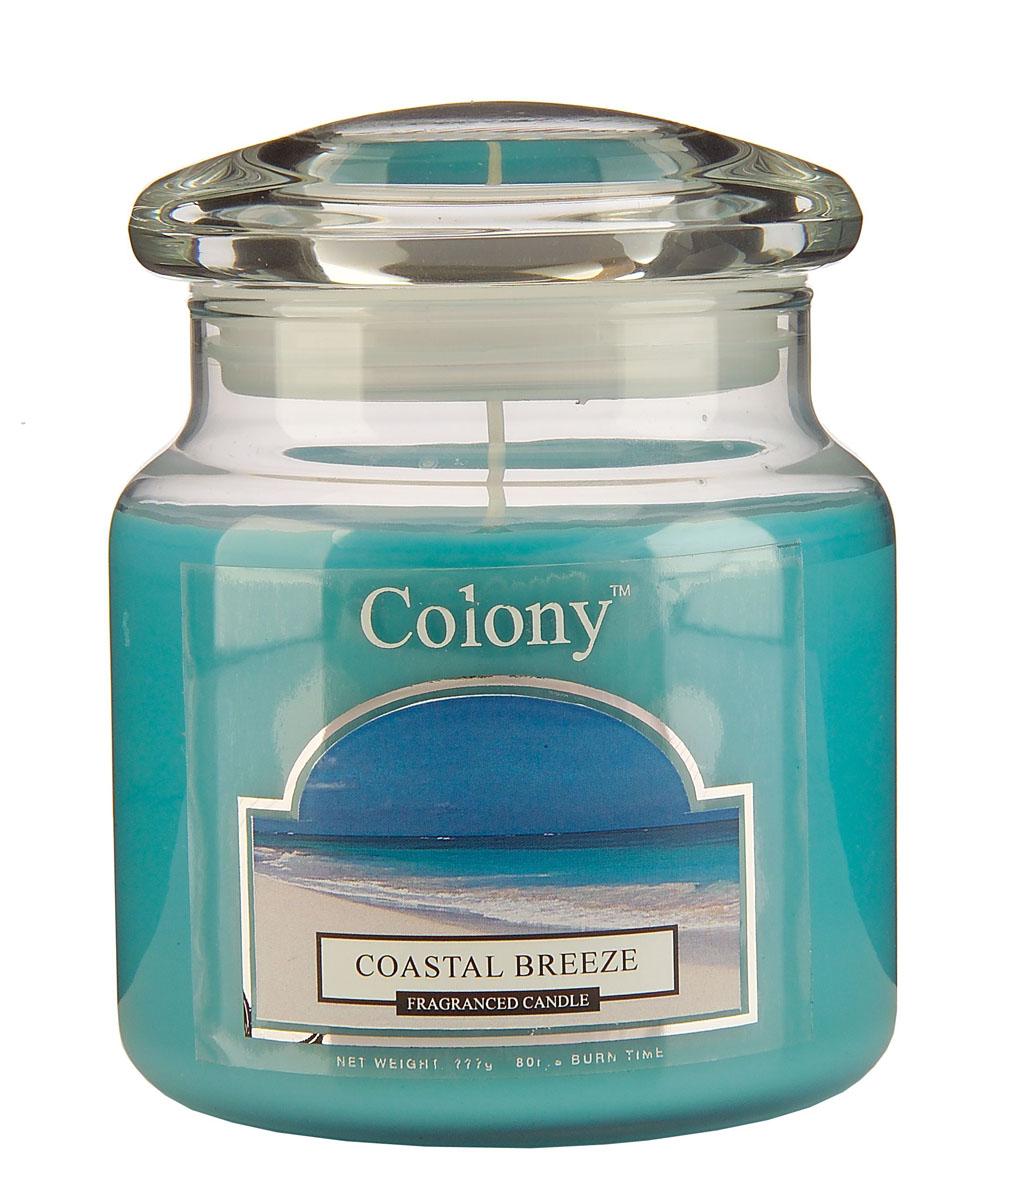 Wax Lyrical Морской бриз ароматизированная свеча в стекле средняя, 90 часов wax depilatory